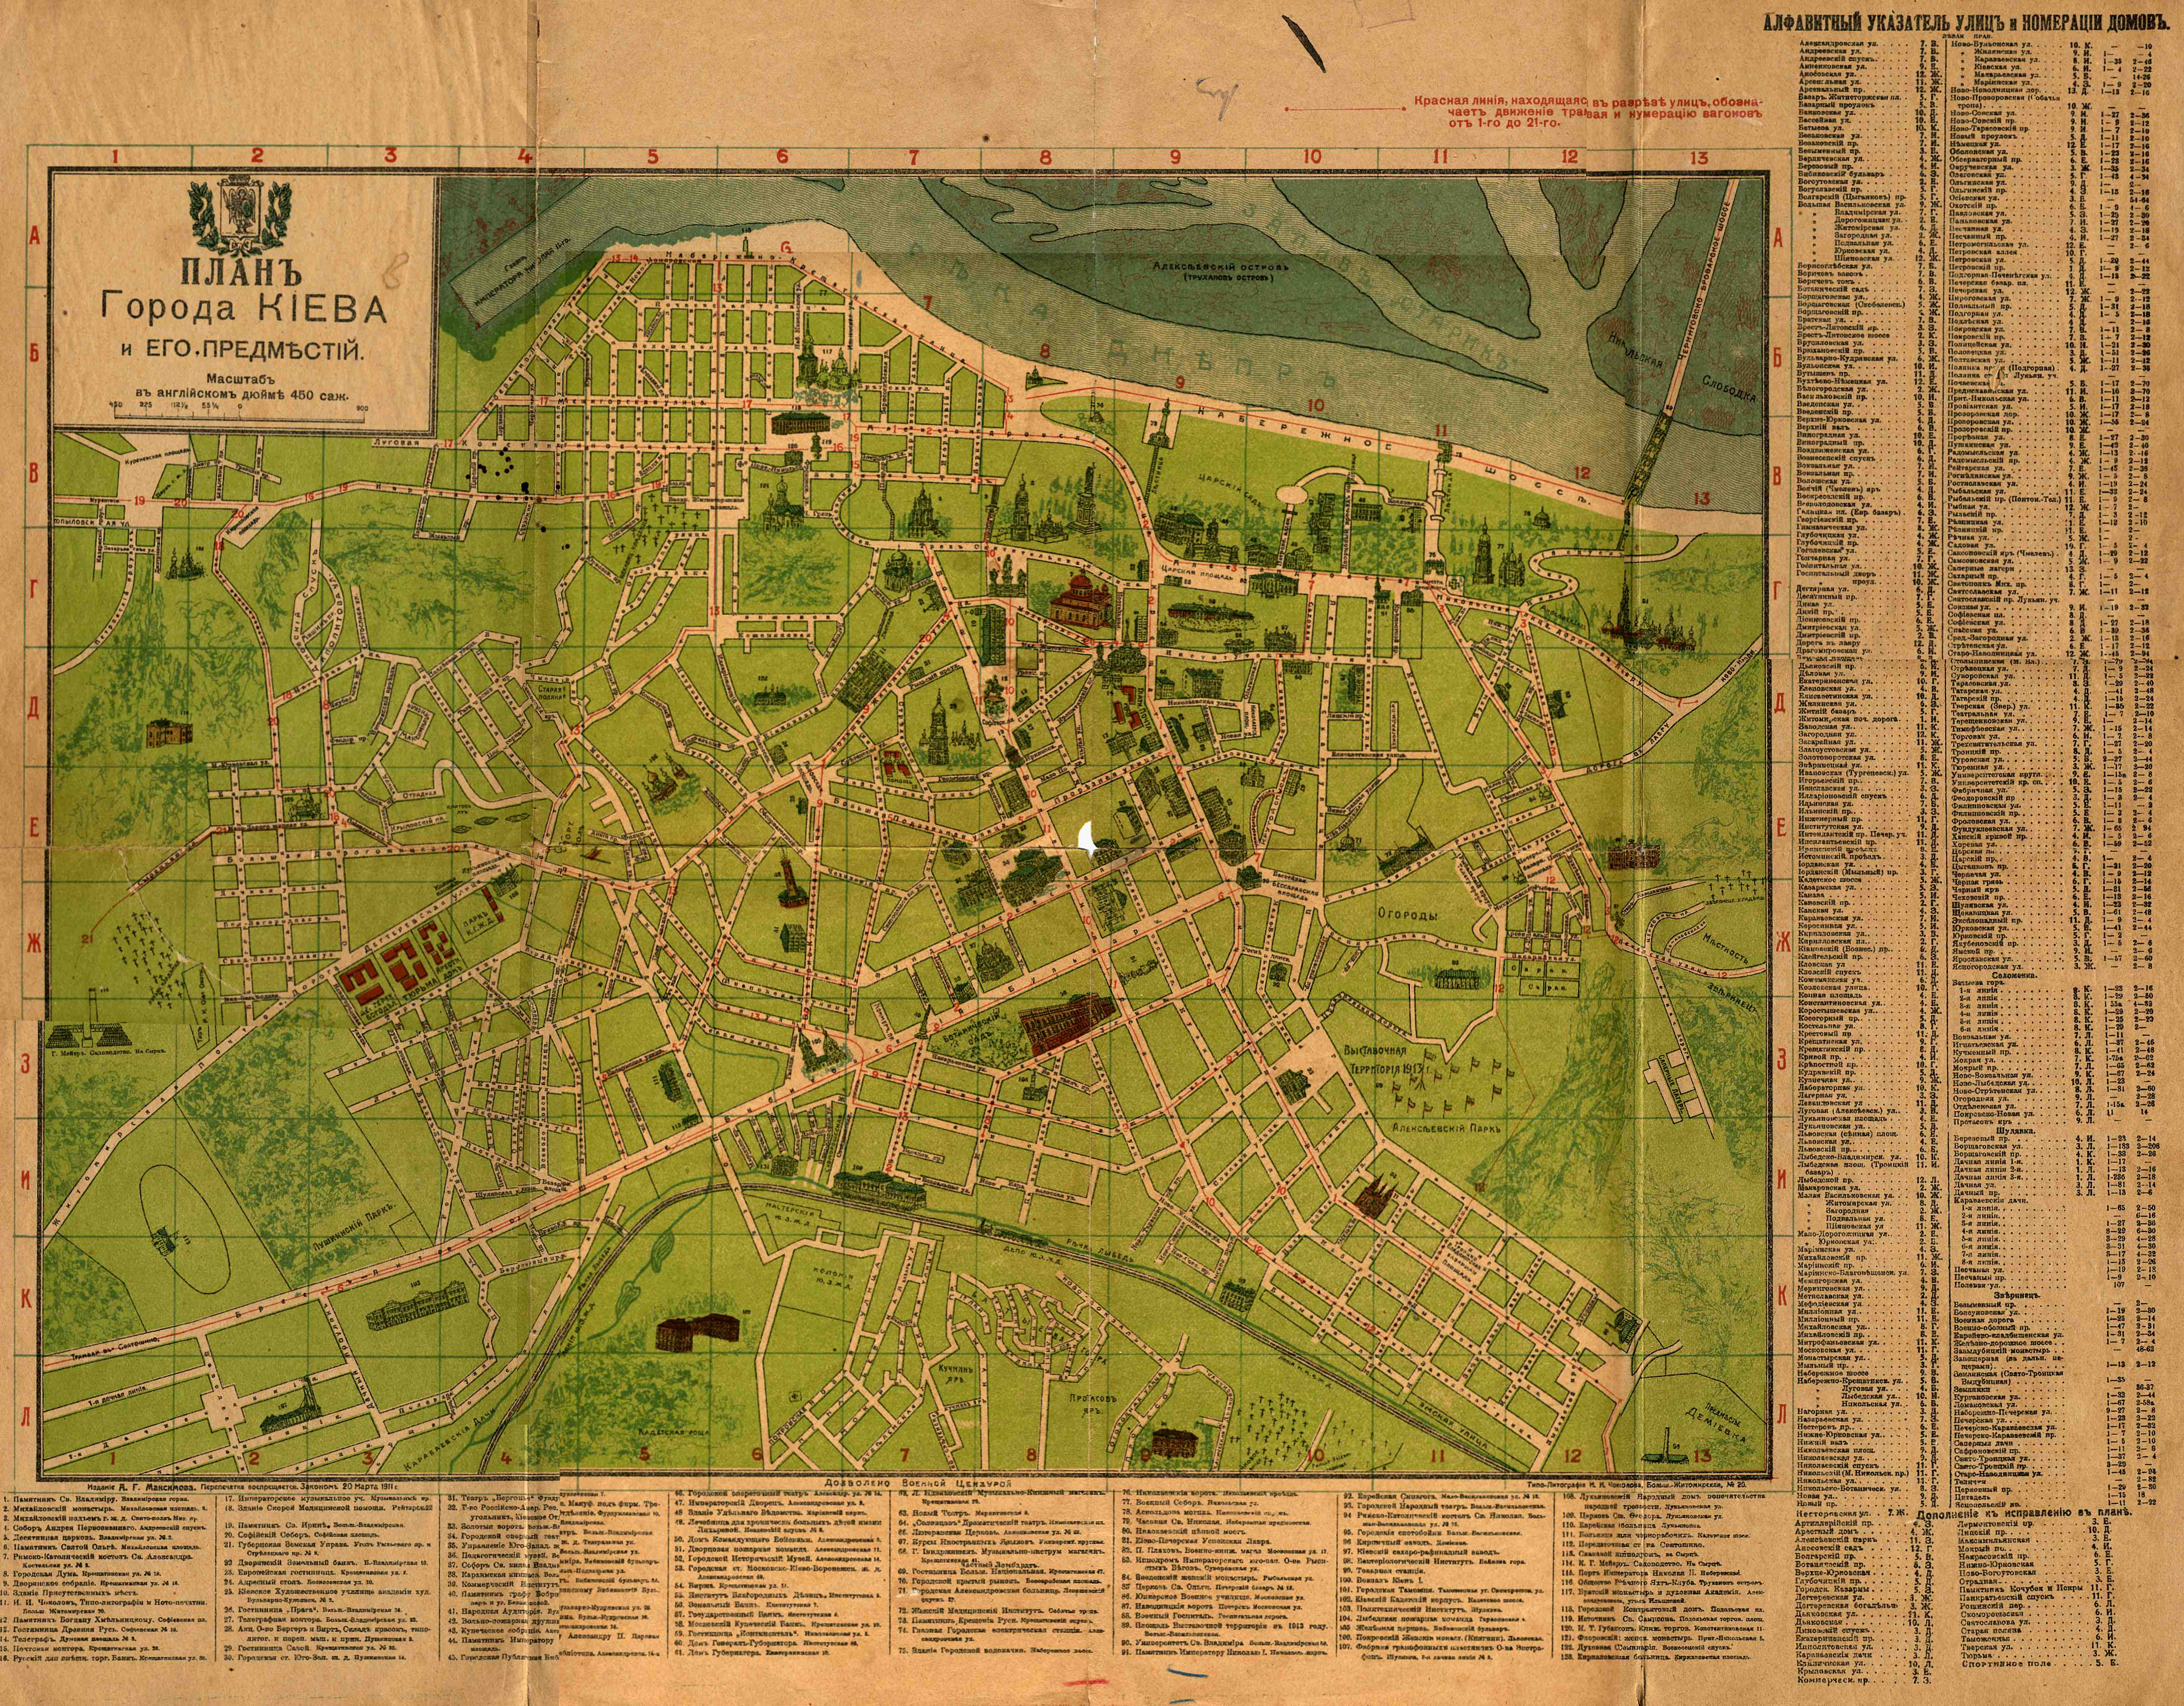 Города киева и его окрестностей 1905 год